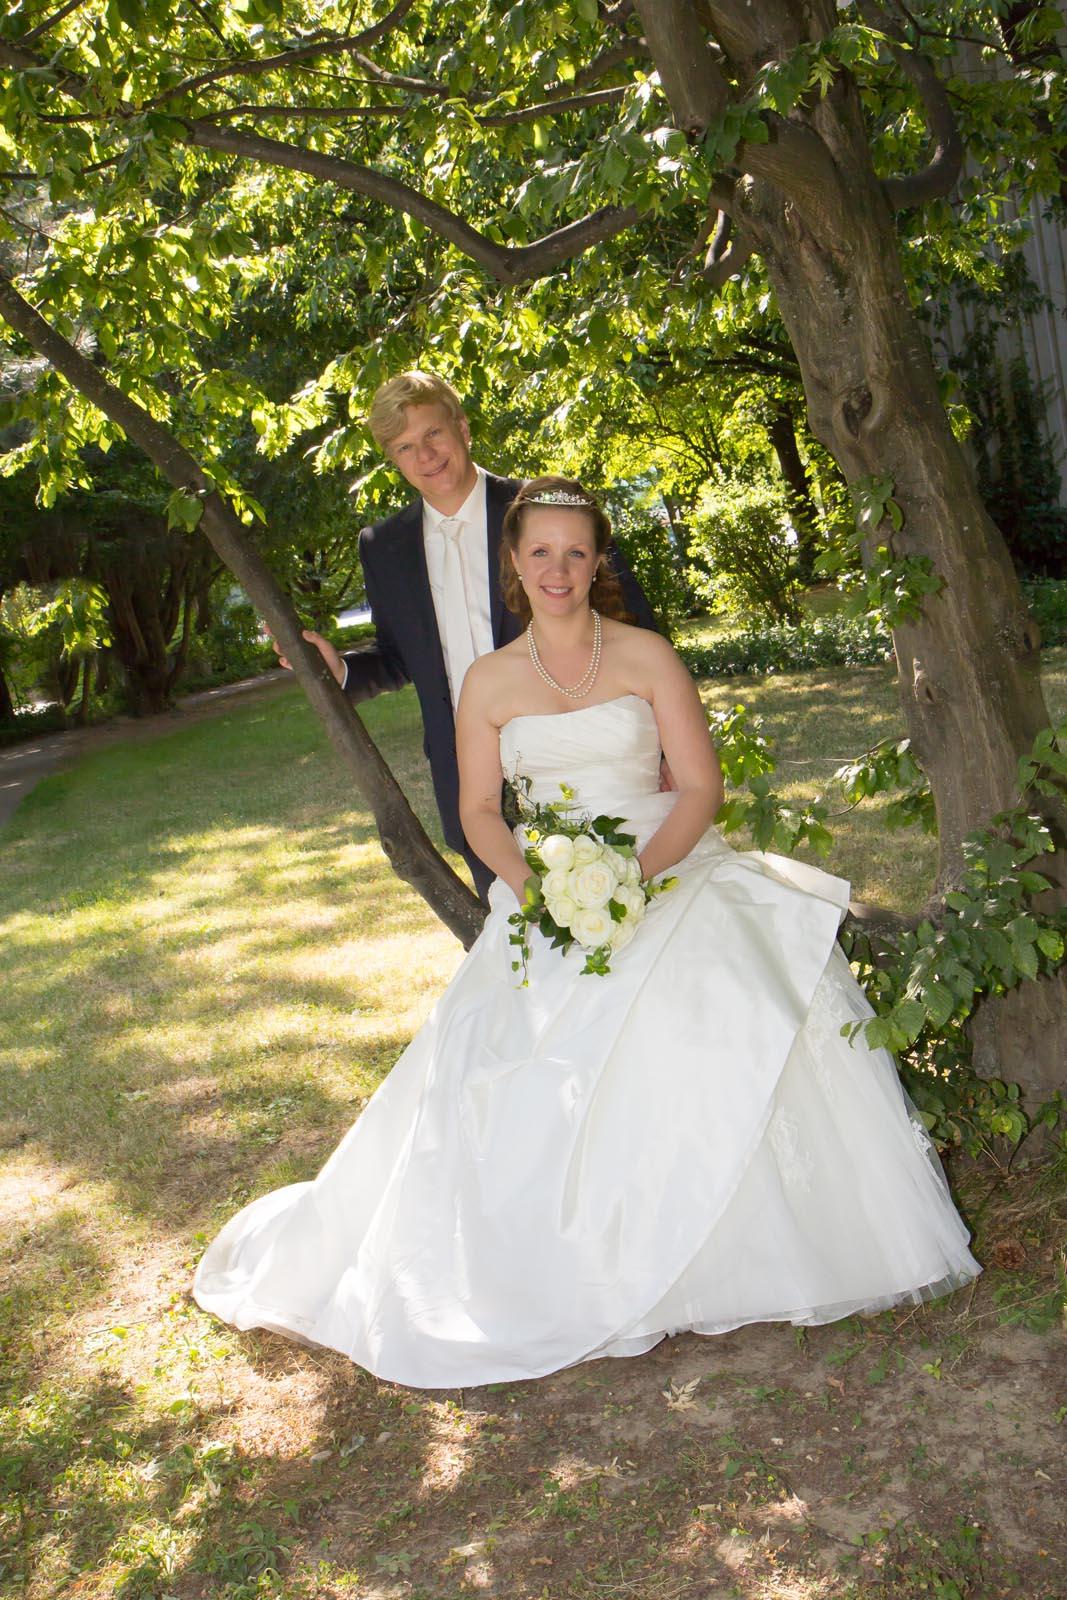 Hochzeit-Portraits-Oettl-Hochzeit-Oettl-2879.jpg